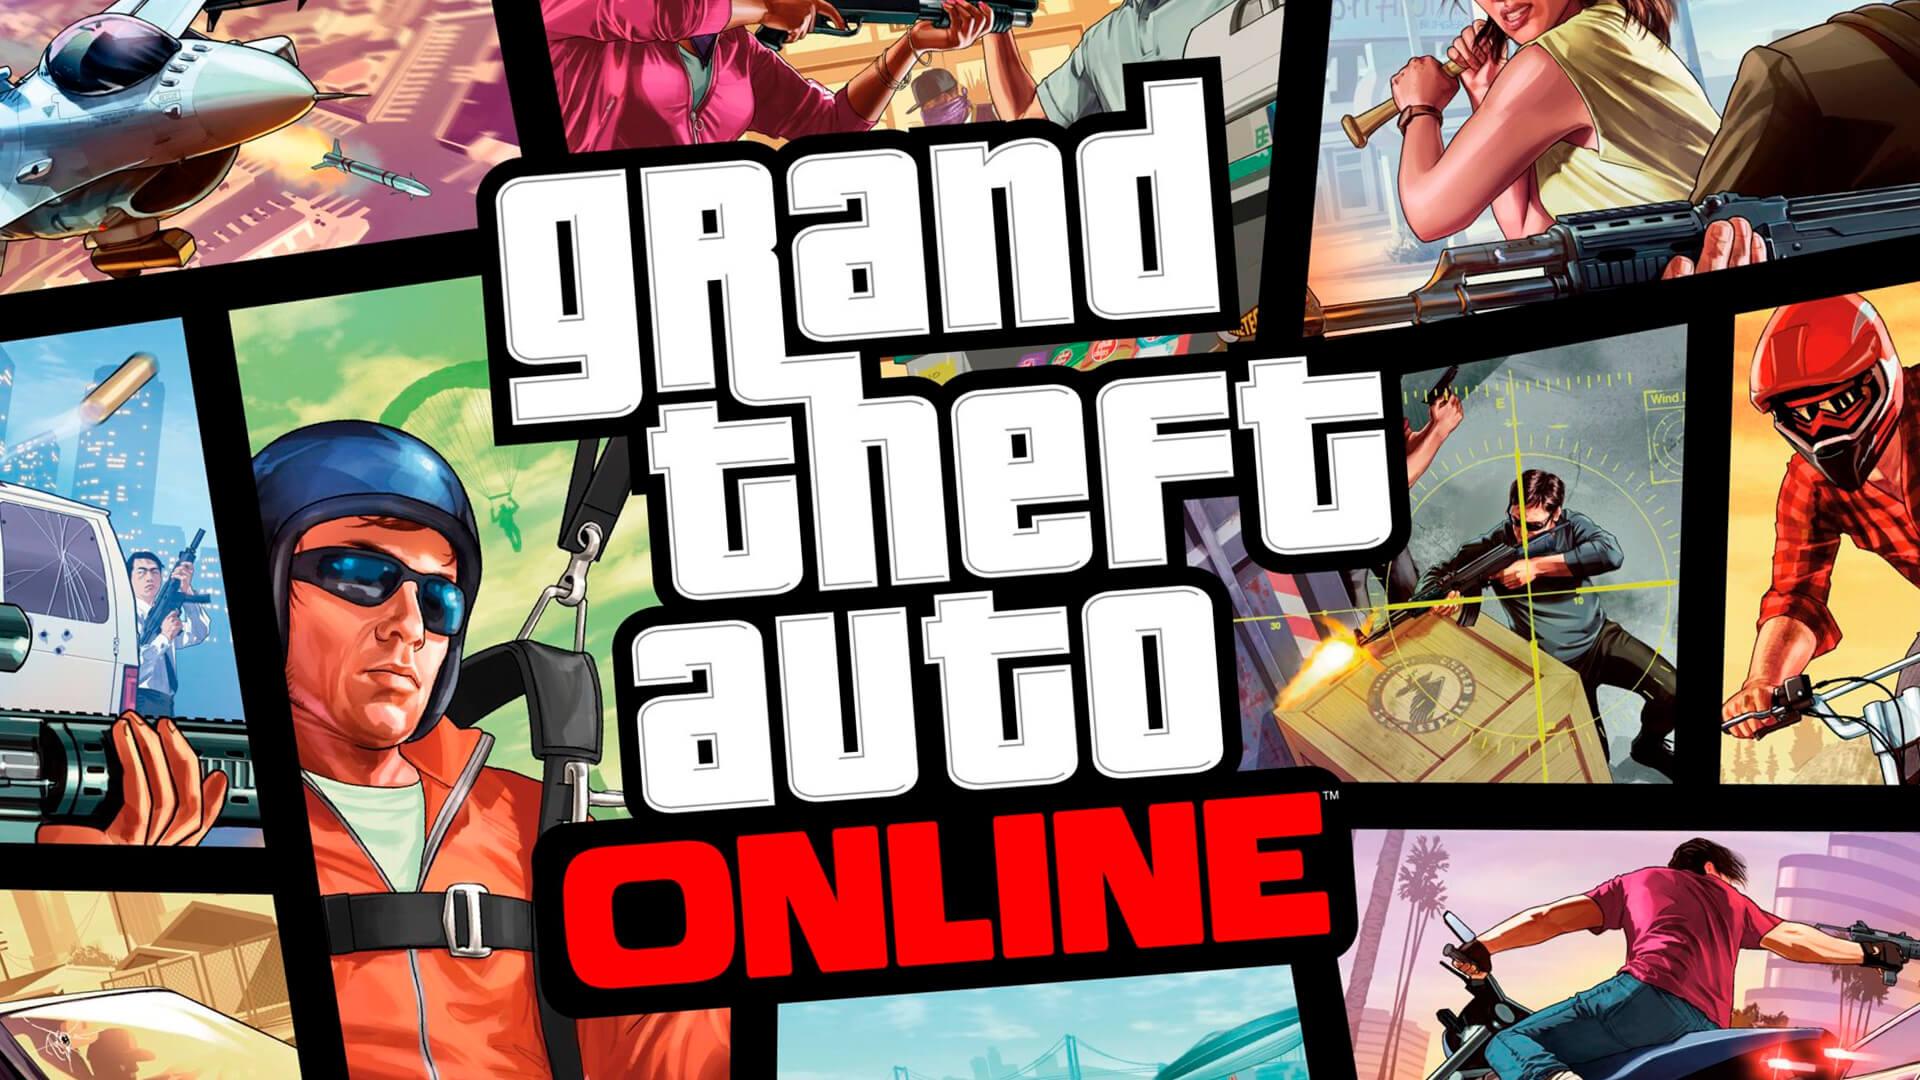 Os loadings de Grand Theft Auto 5 e GTA Online foram finalmente melhorados graças a um hacker que decidiu ajudar a Rockstar Games.